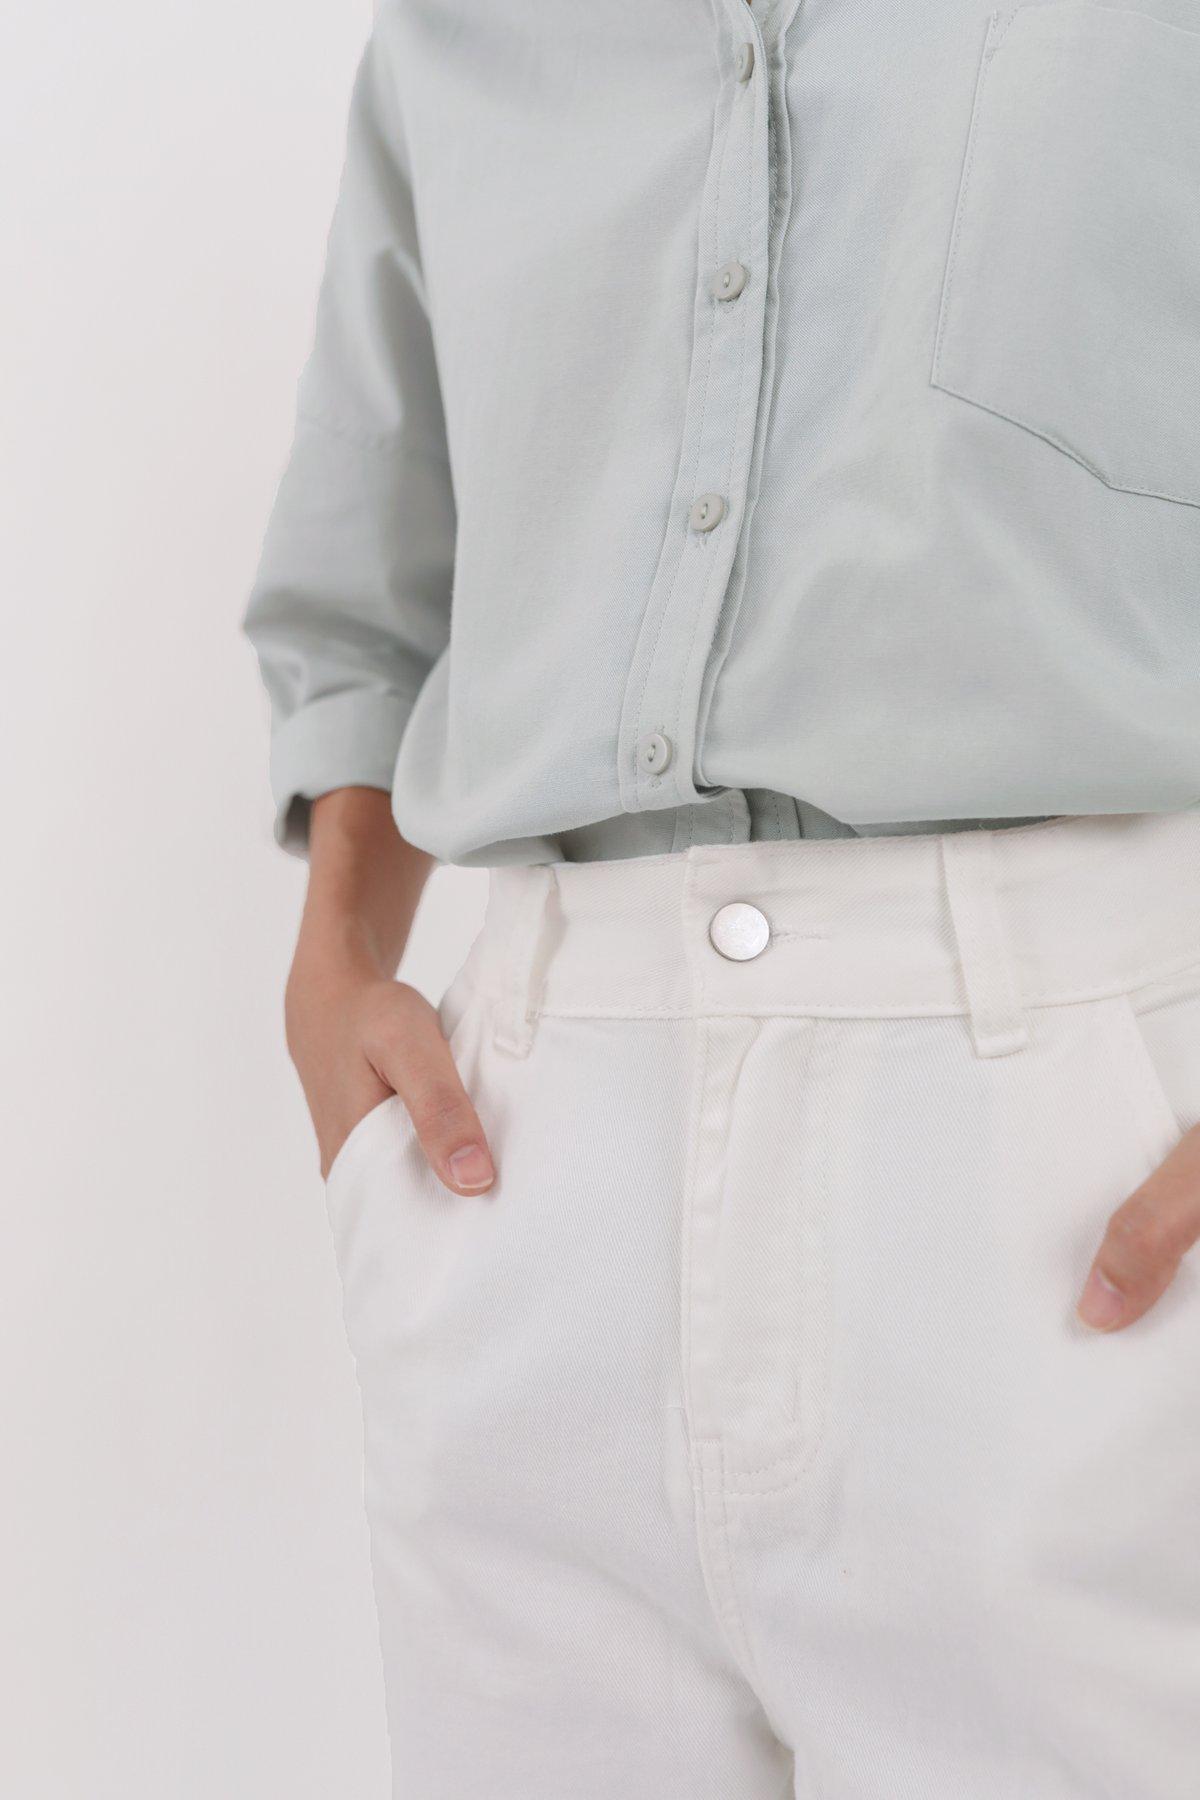 Steve Straight Leg Jeans (White)